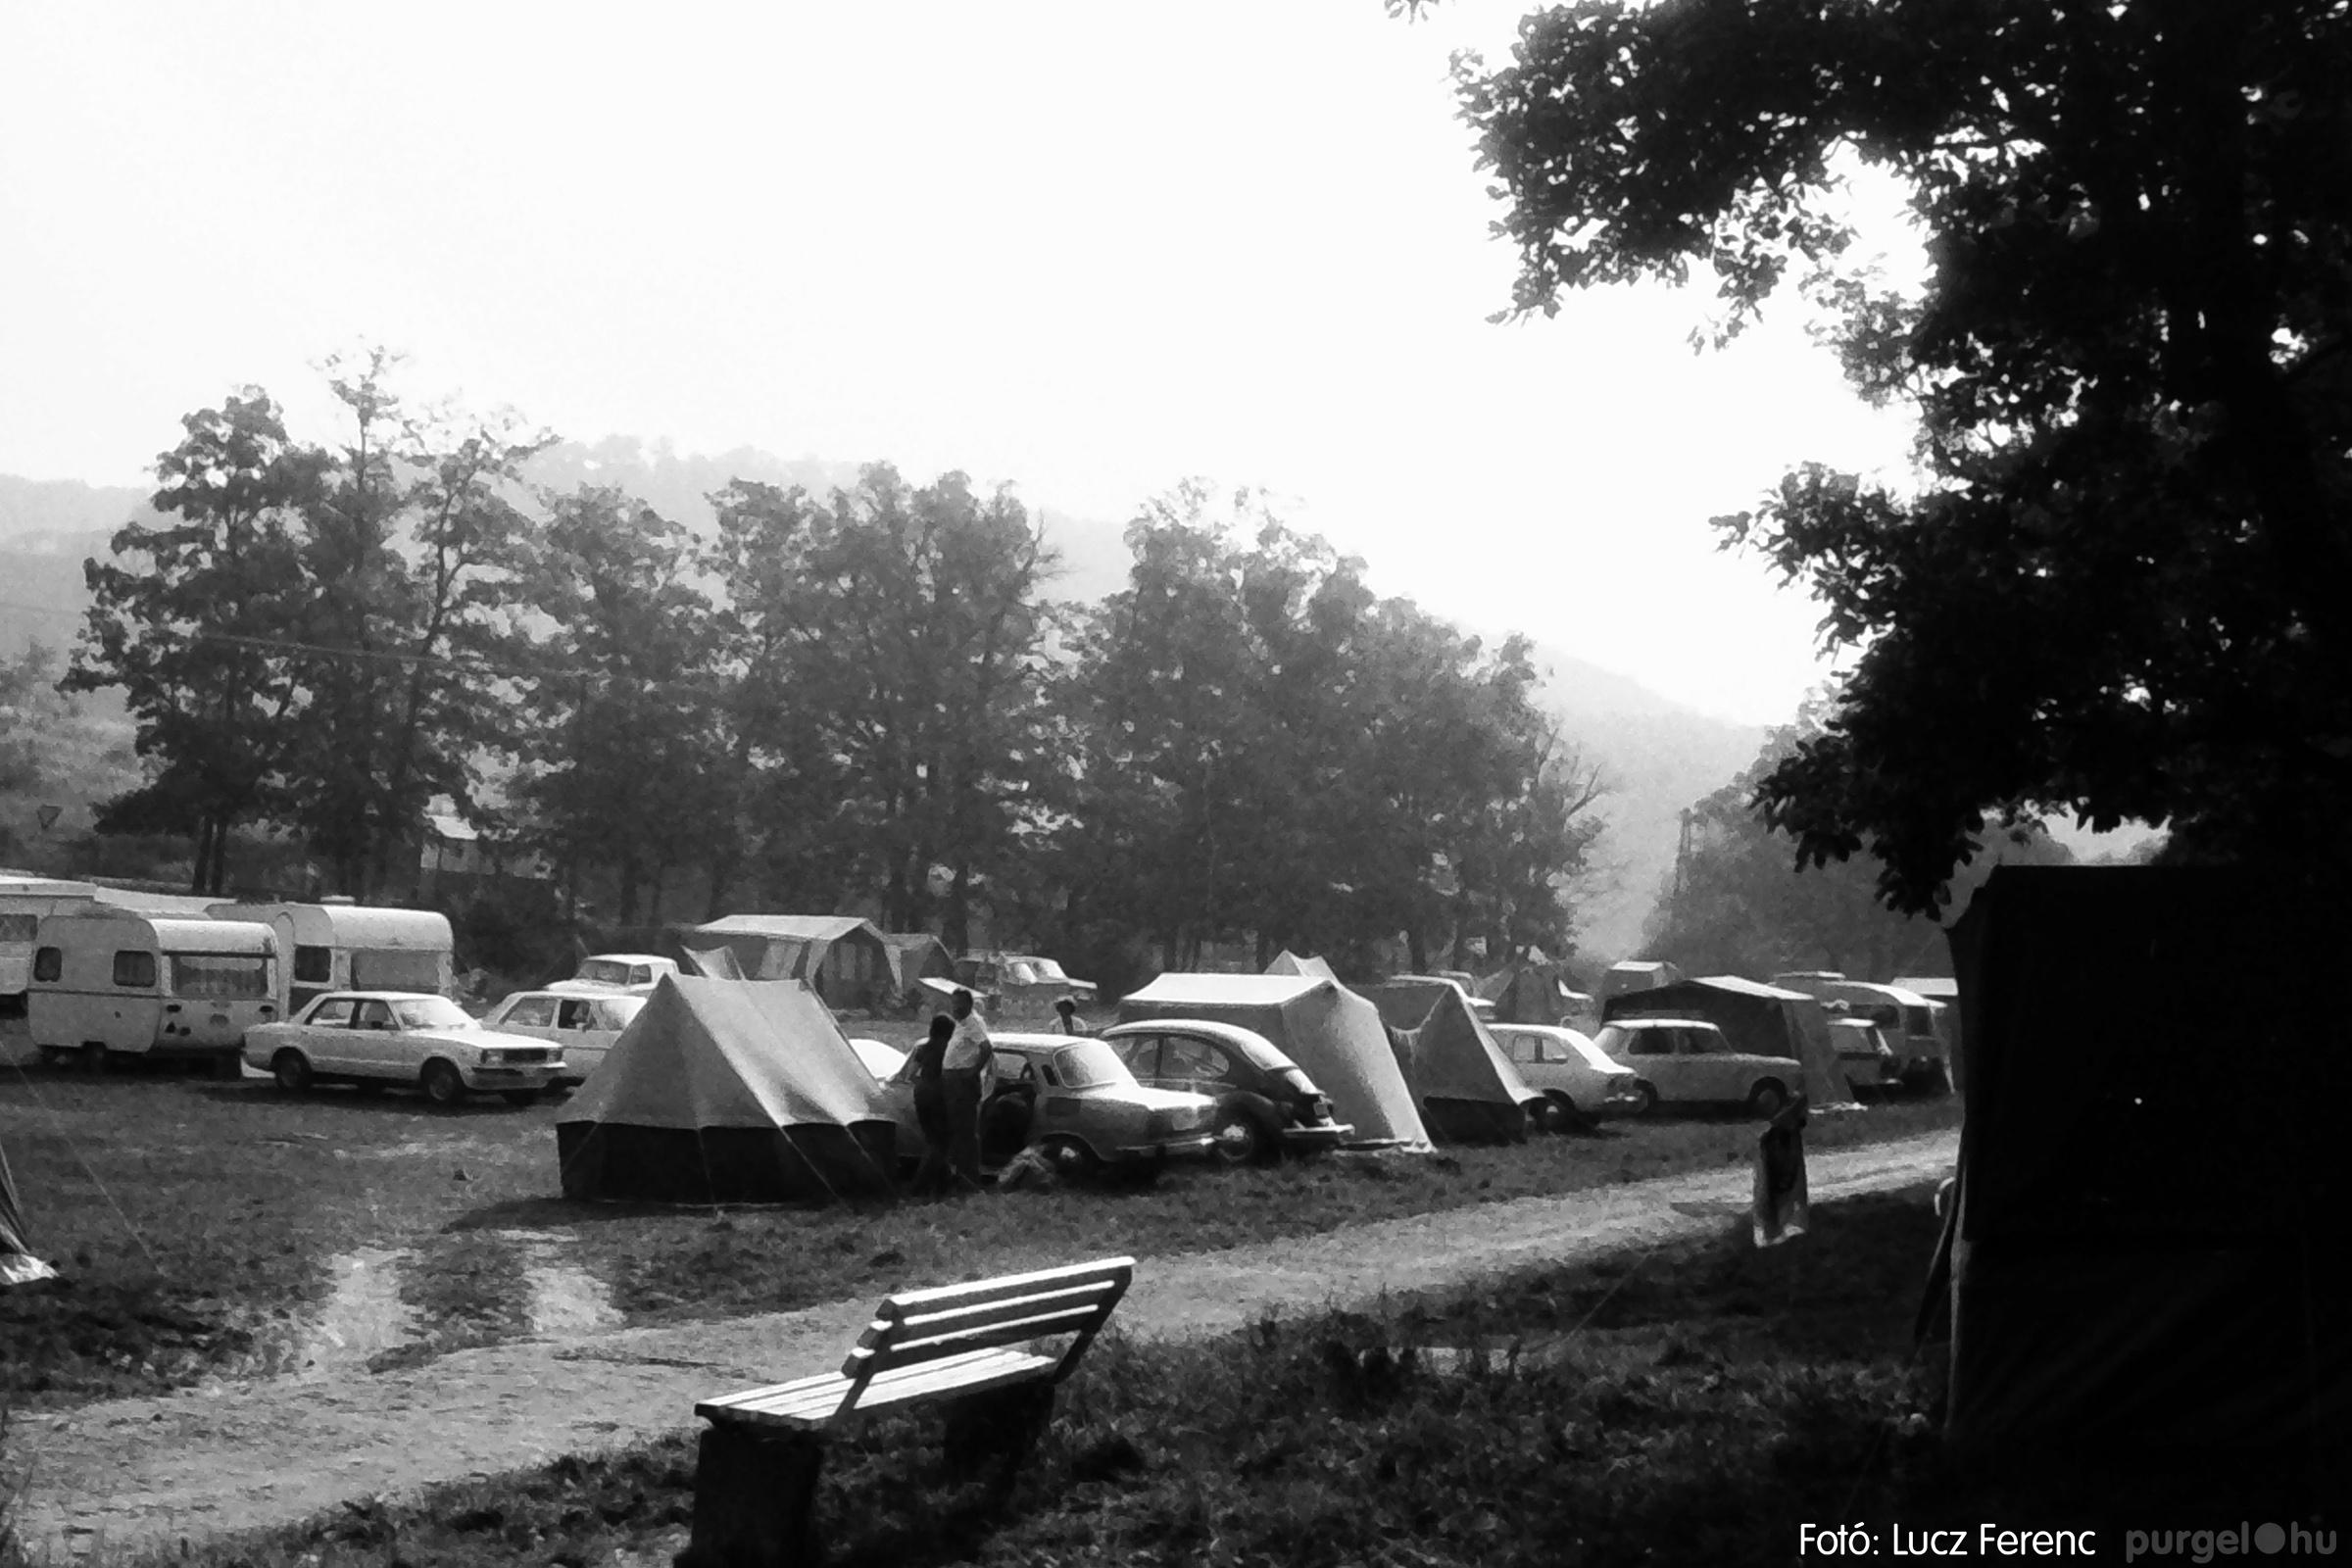 086, 088. 1977. Nyári tábor a Mátrában 067. - Fotó: Lucz Ferenc.jpg